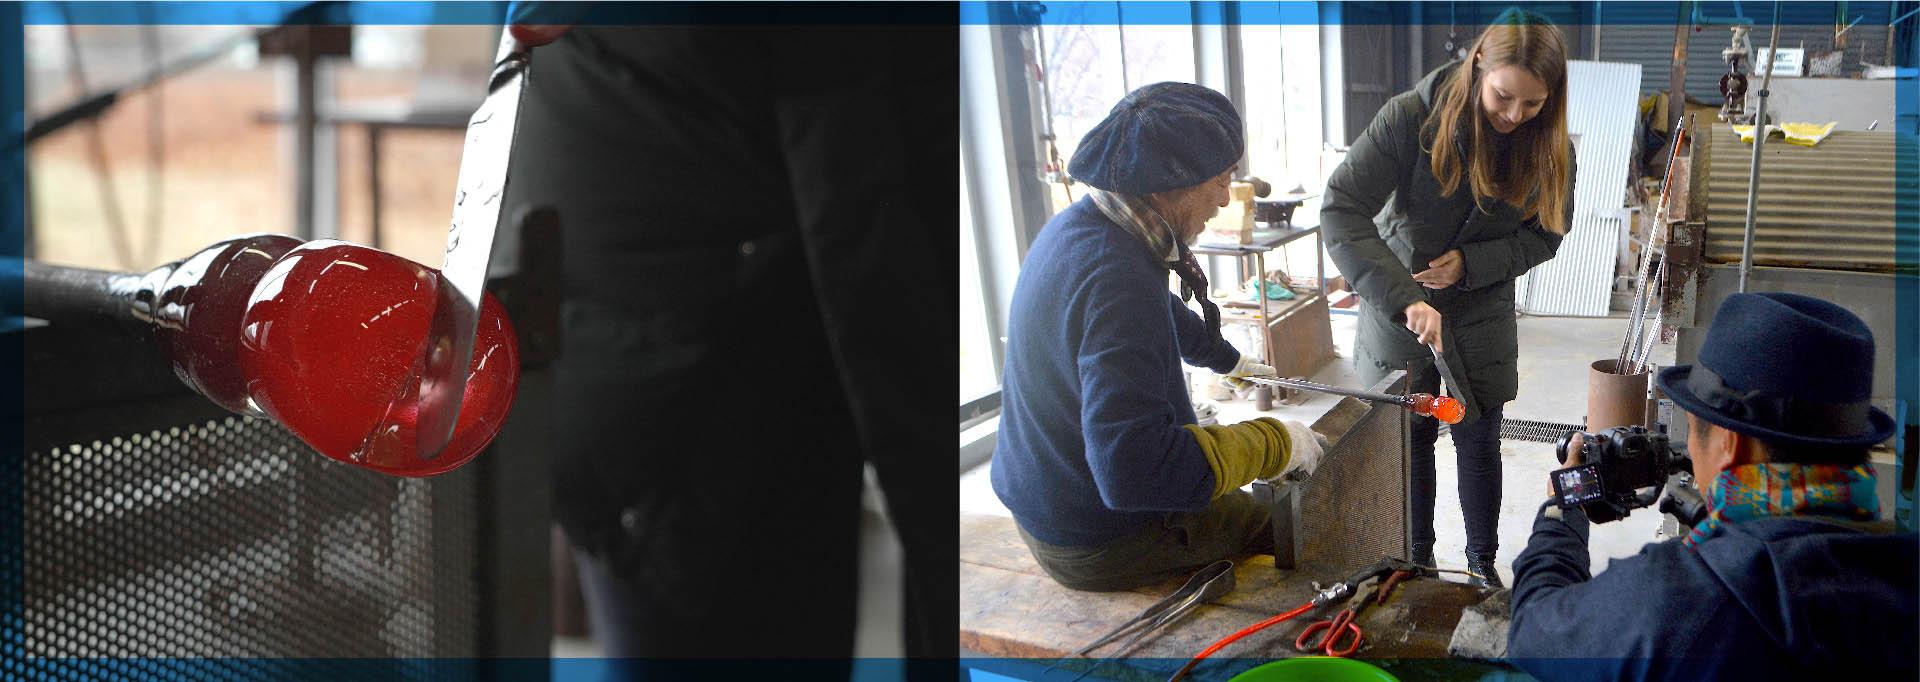 ガラスアート製作の体験をしてくれたのは「Ryan Bartholomew」さん(男性)と「Mary Mae」さん(女性)。チャレンジしたのはグラスアップルという作品名のりんごとハートのオブジェです。